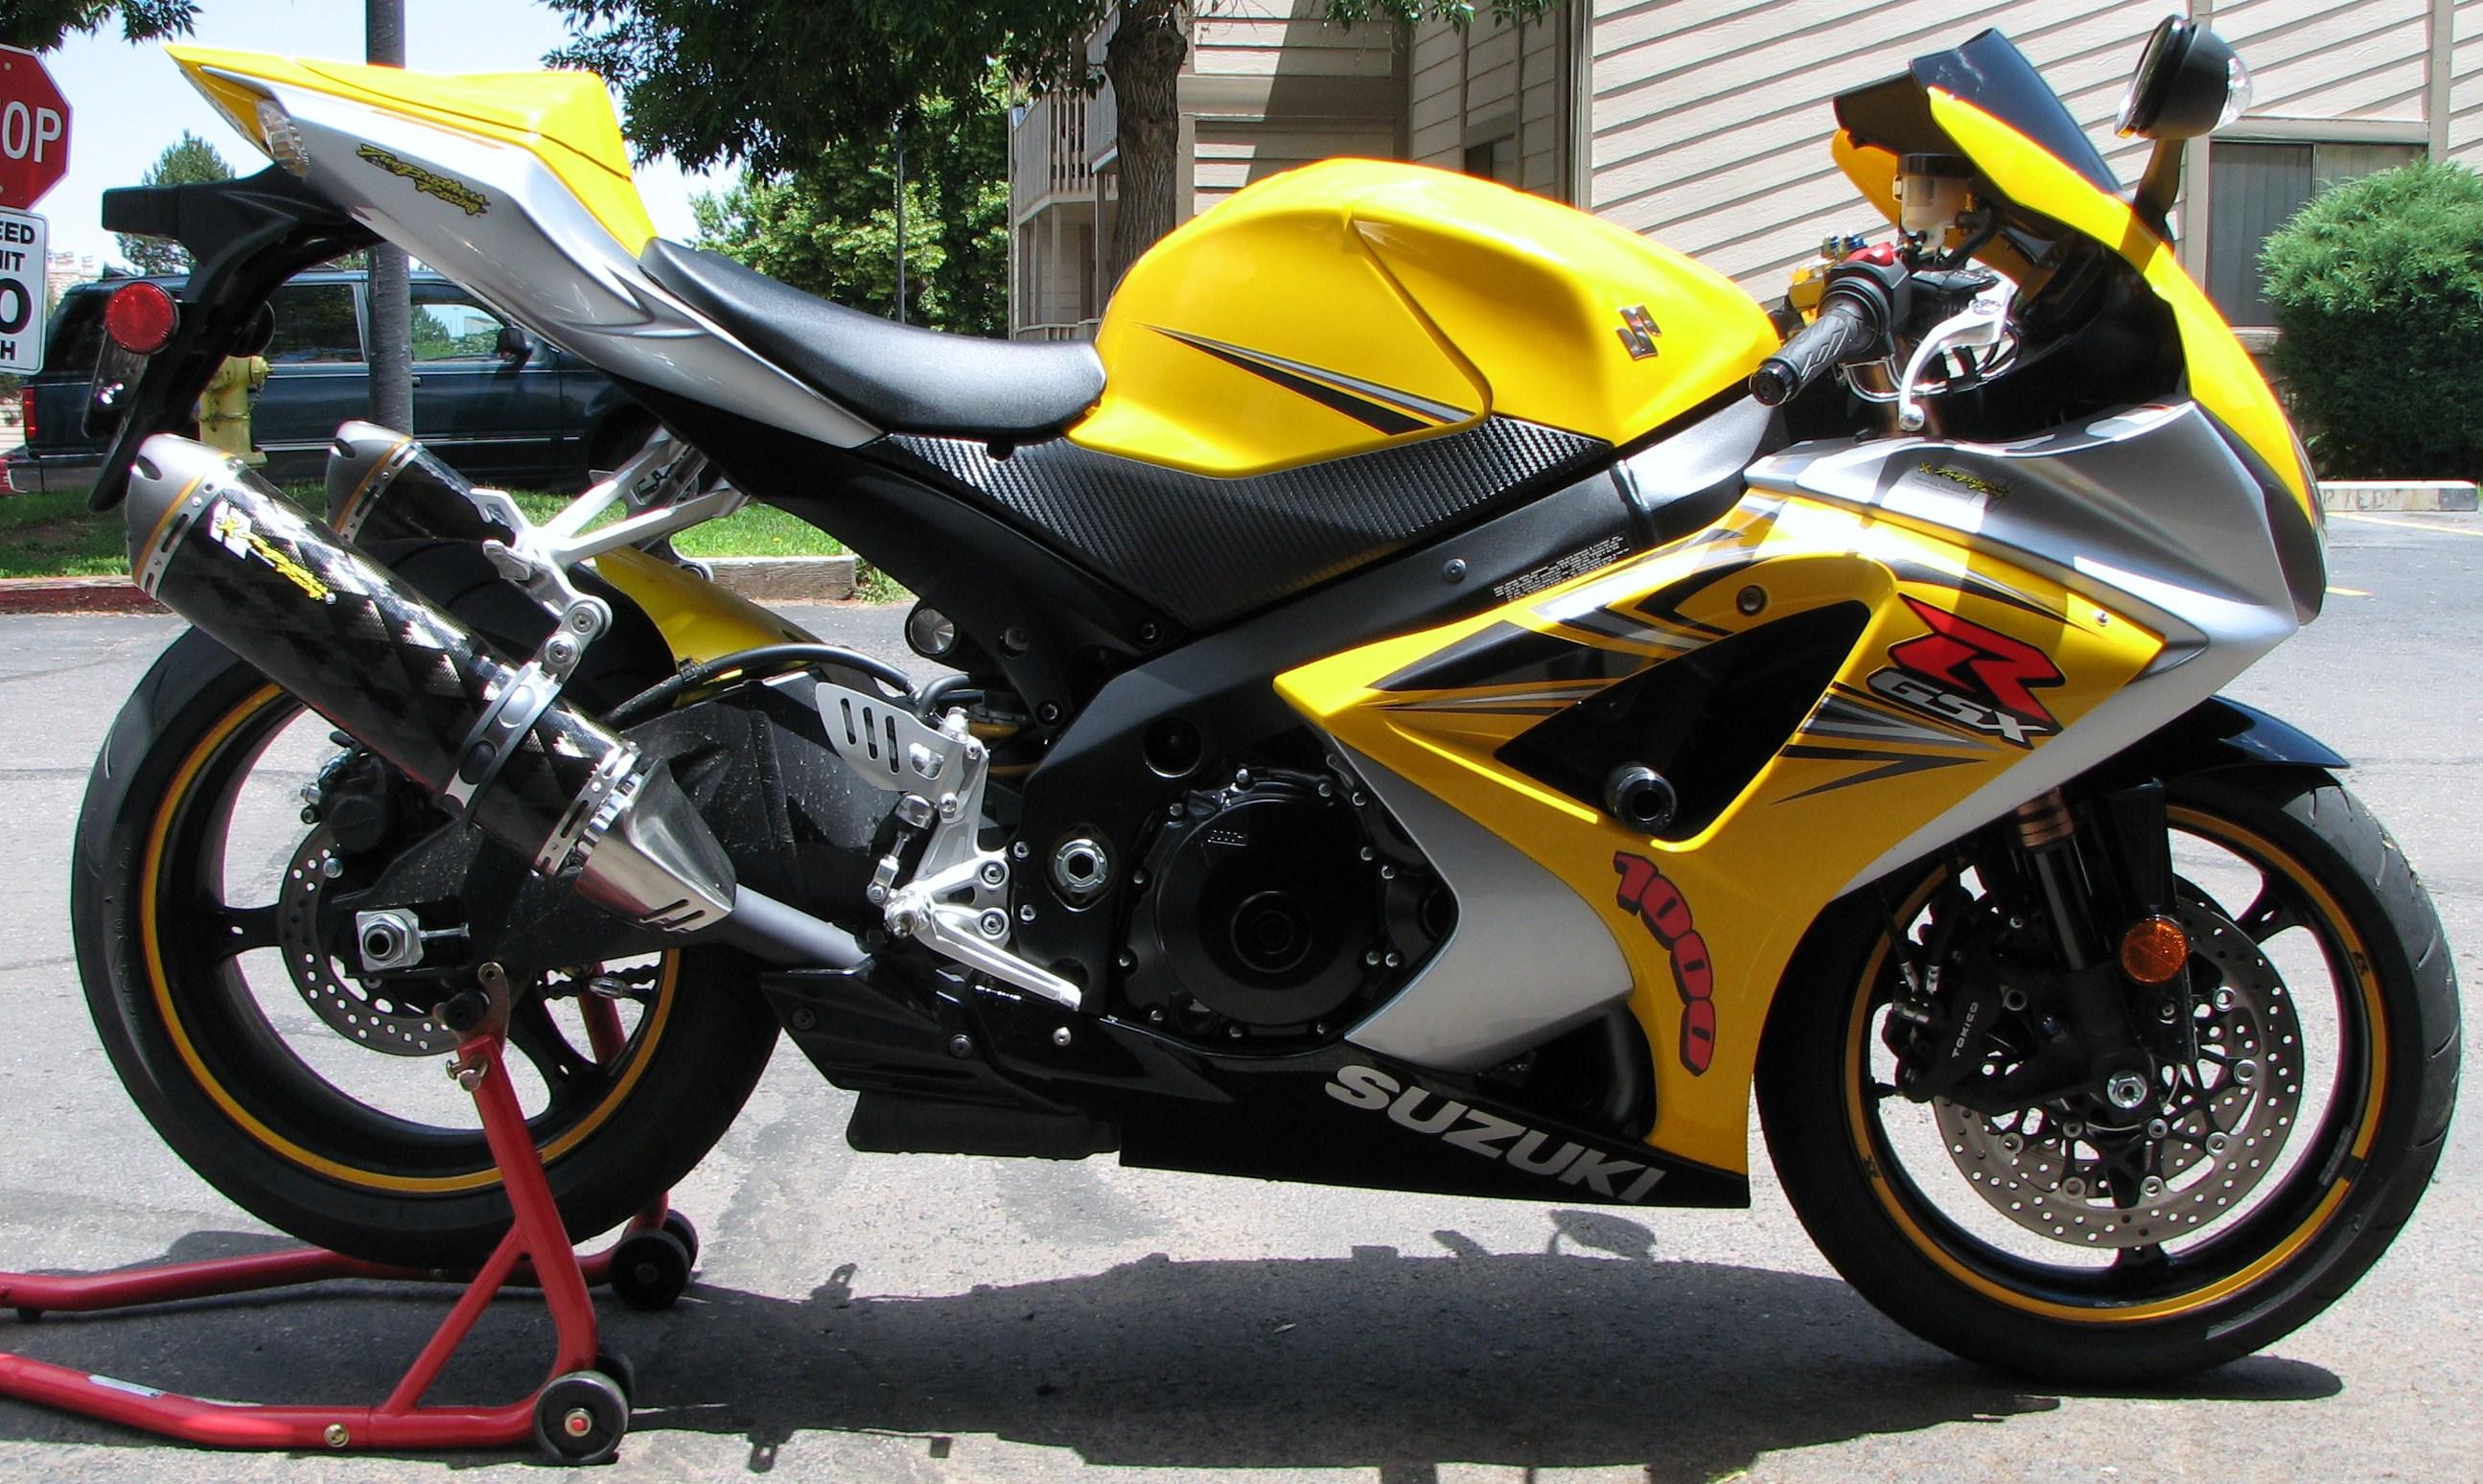 2007 Suzuki GSXR 1000 - Sportbikes.net